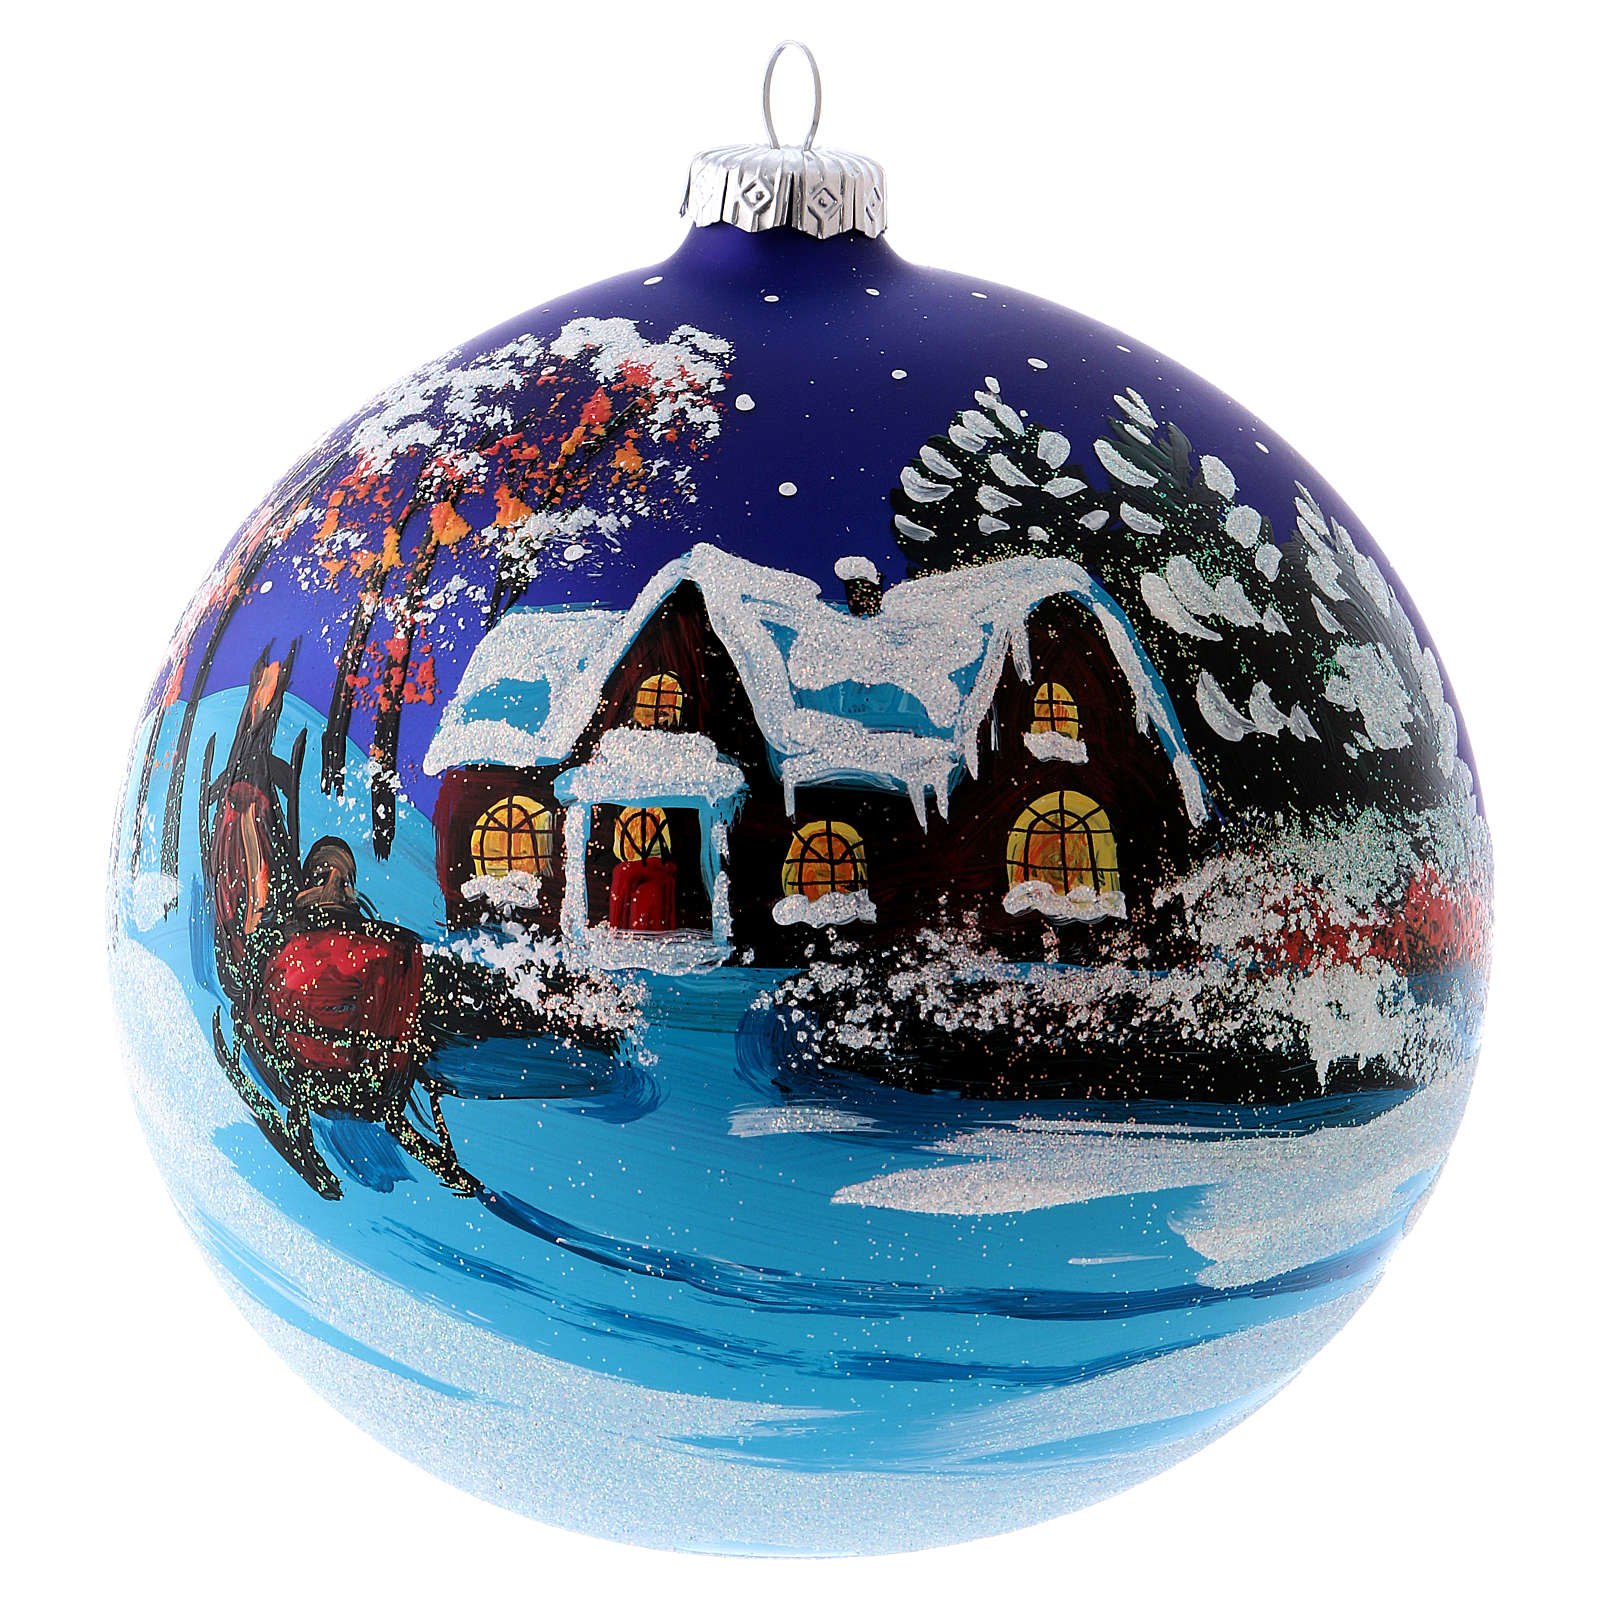 Bola árbol Navidad 150 mm vidrio soplado paisaje nocturno con nieve 4